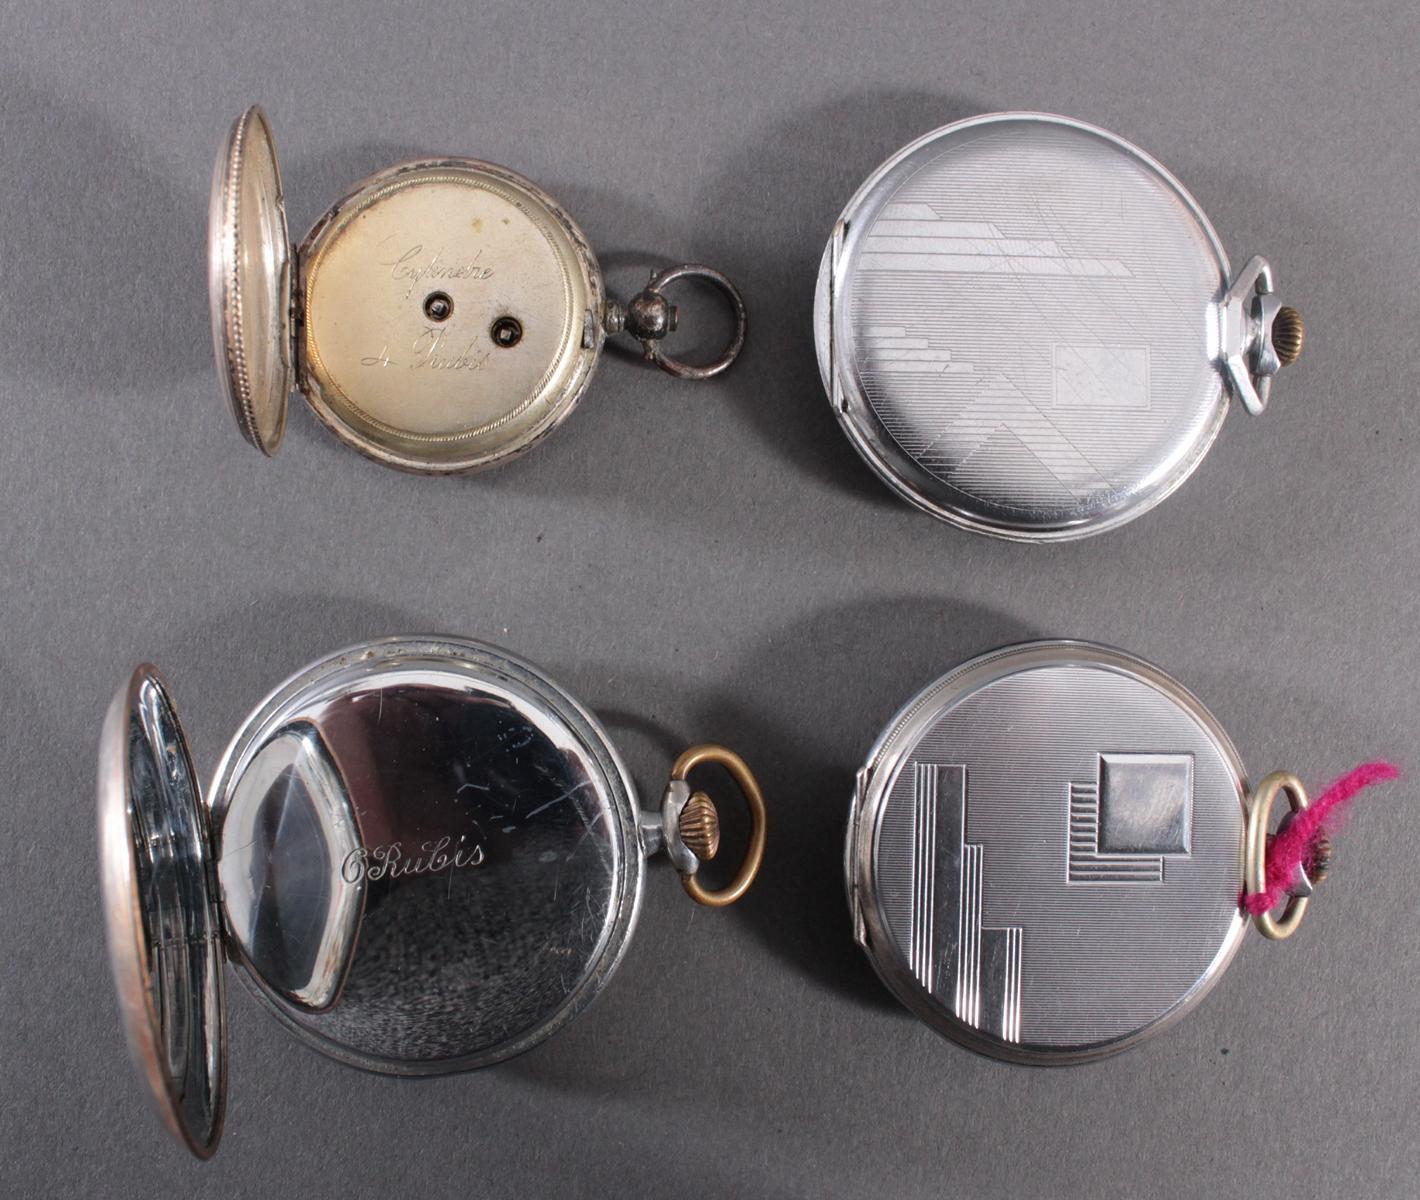 4 Taschenuhren-3